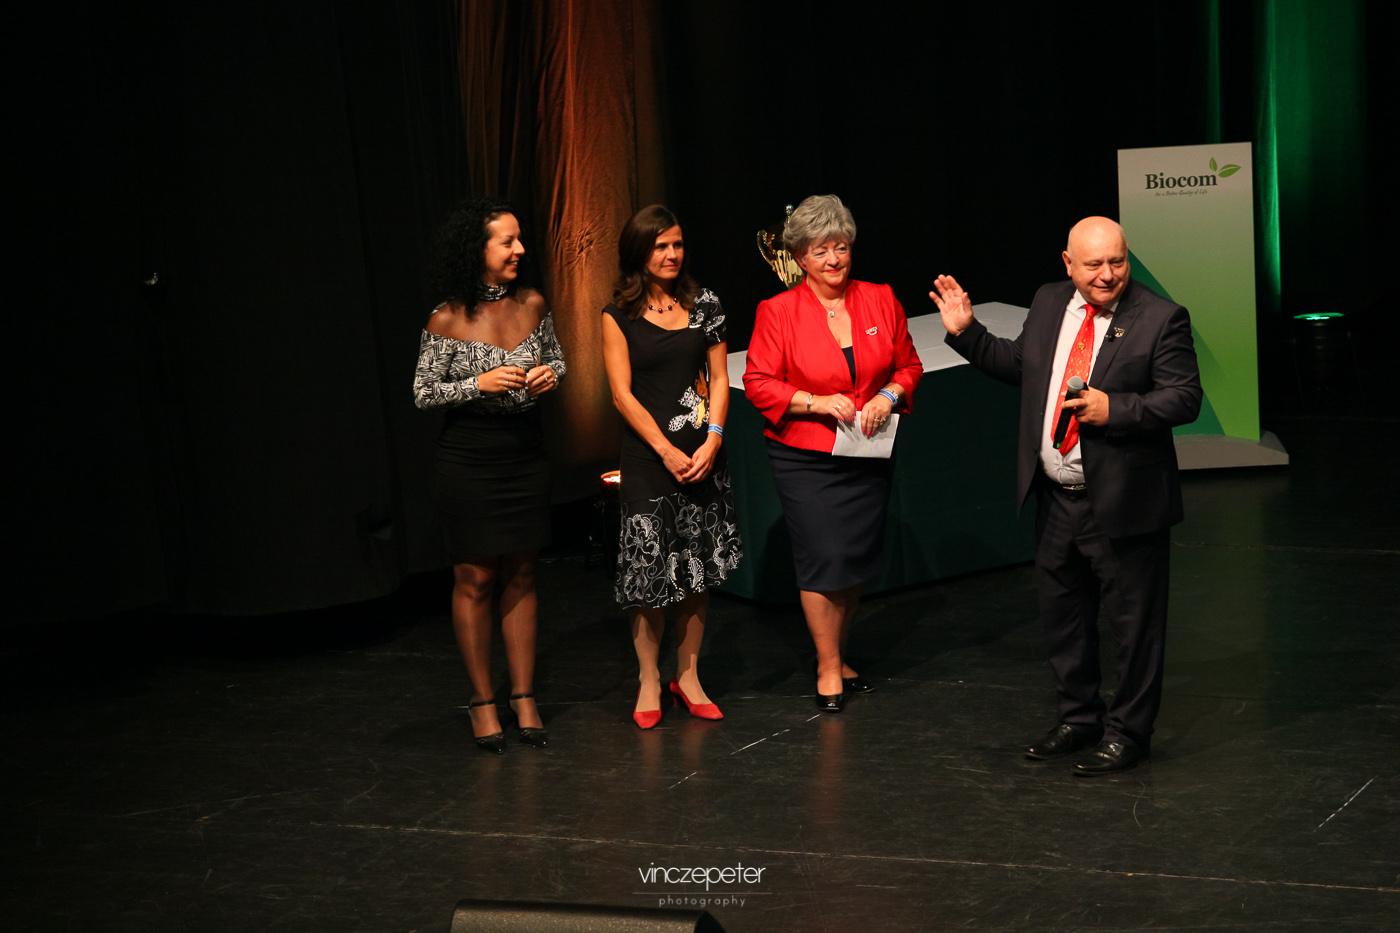 Három kiváló vezető, akik megcsinálták a versenyt, Lőrincz János méltató szavai alatt a színpadon: Ujvári Zsuzsanna, Tuboly Ildikó és Bicskeiné Olgi